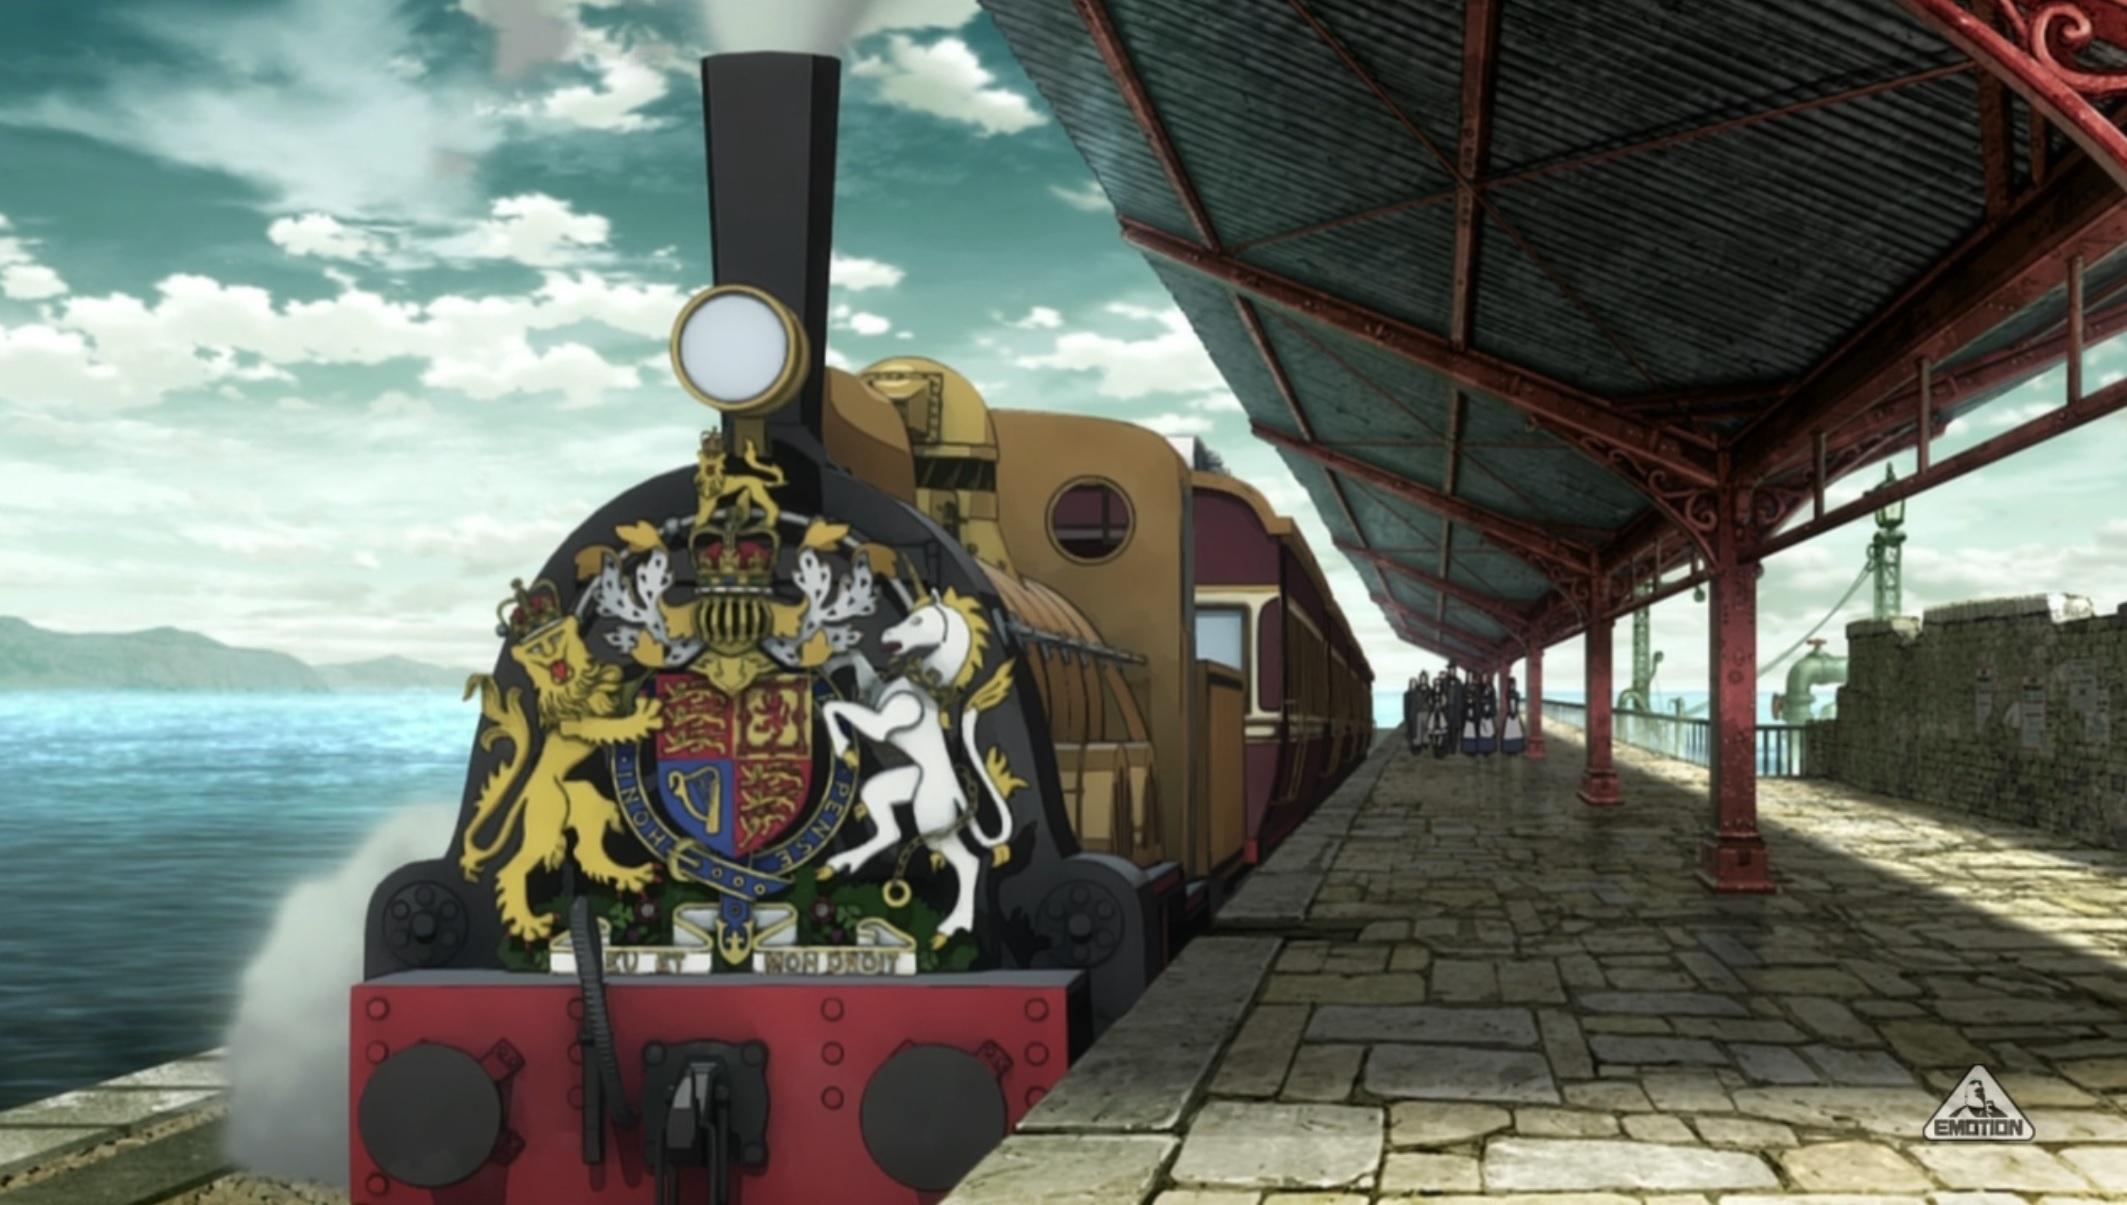 アニメ『プリンセス・プリンシパル』第5話「case7 Bullet & Blade\'s Ballad」における鉄道描写について_f0030574_00160032.jpg